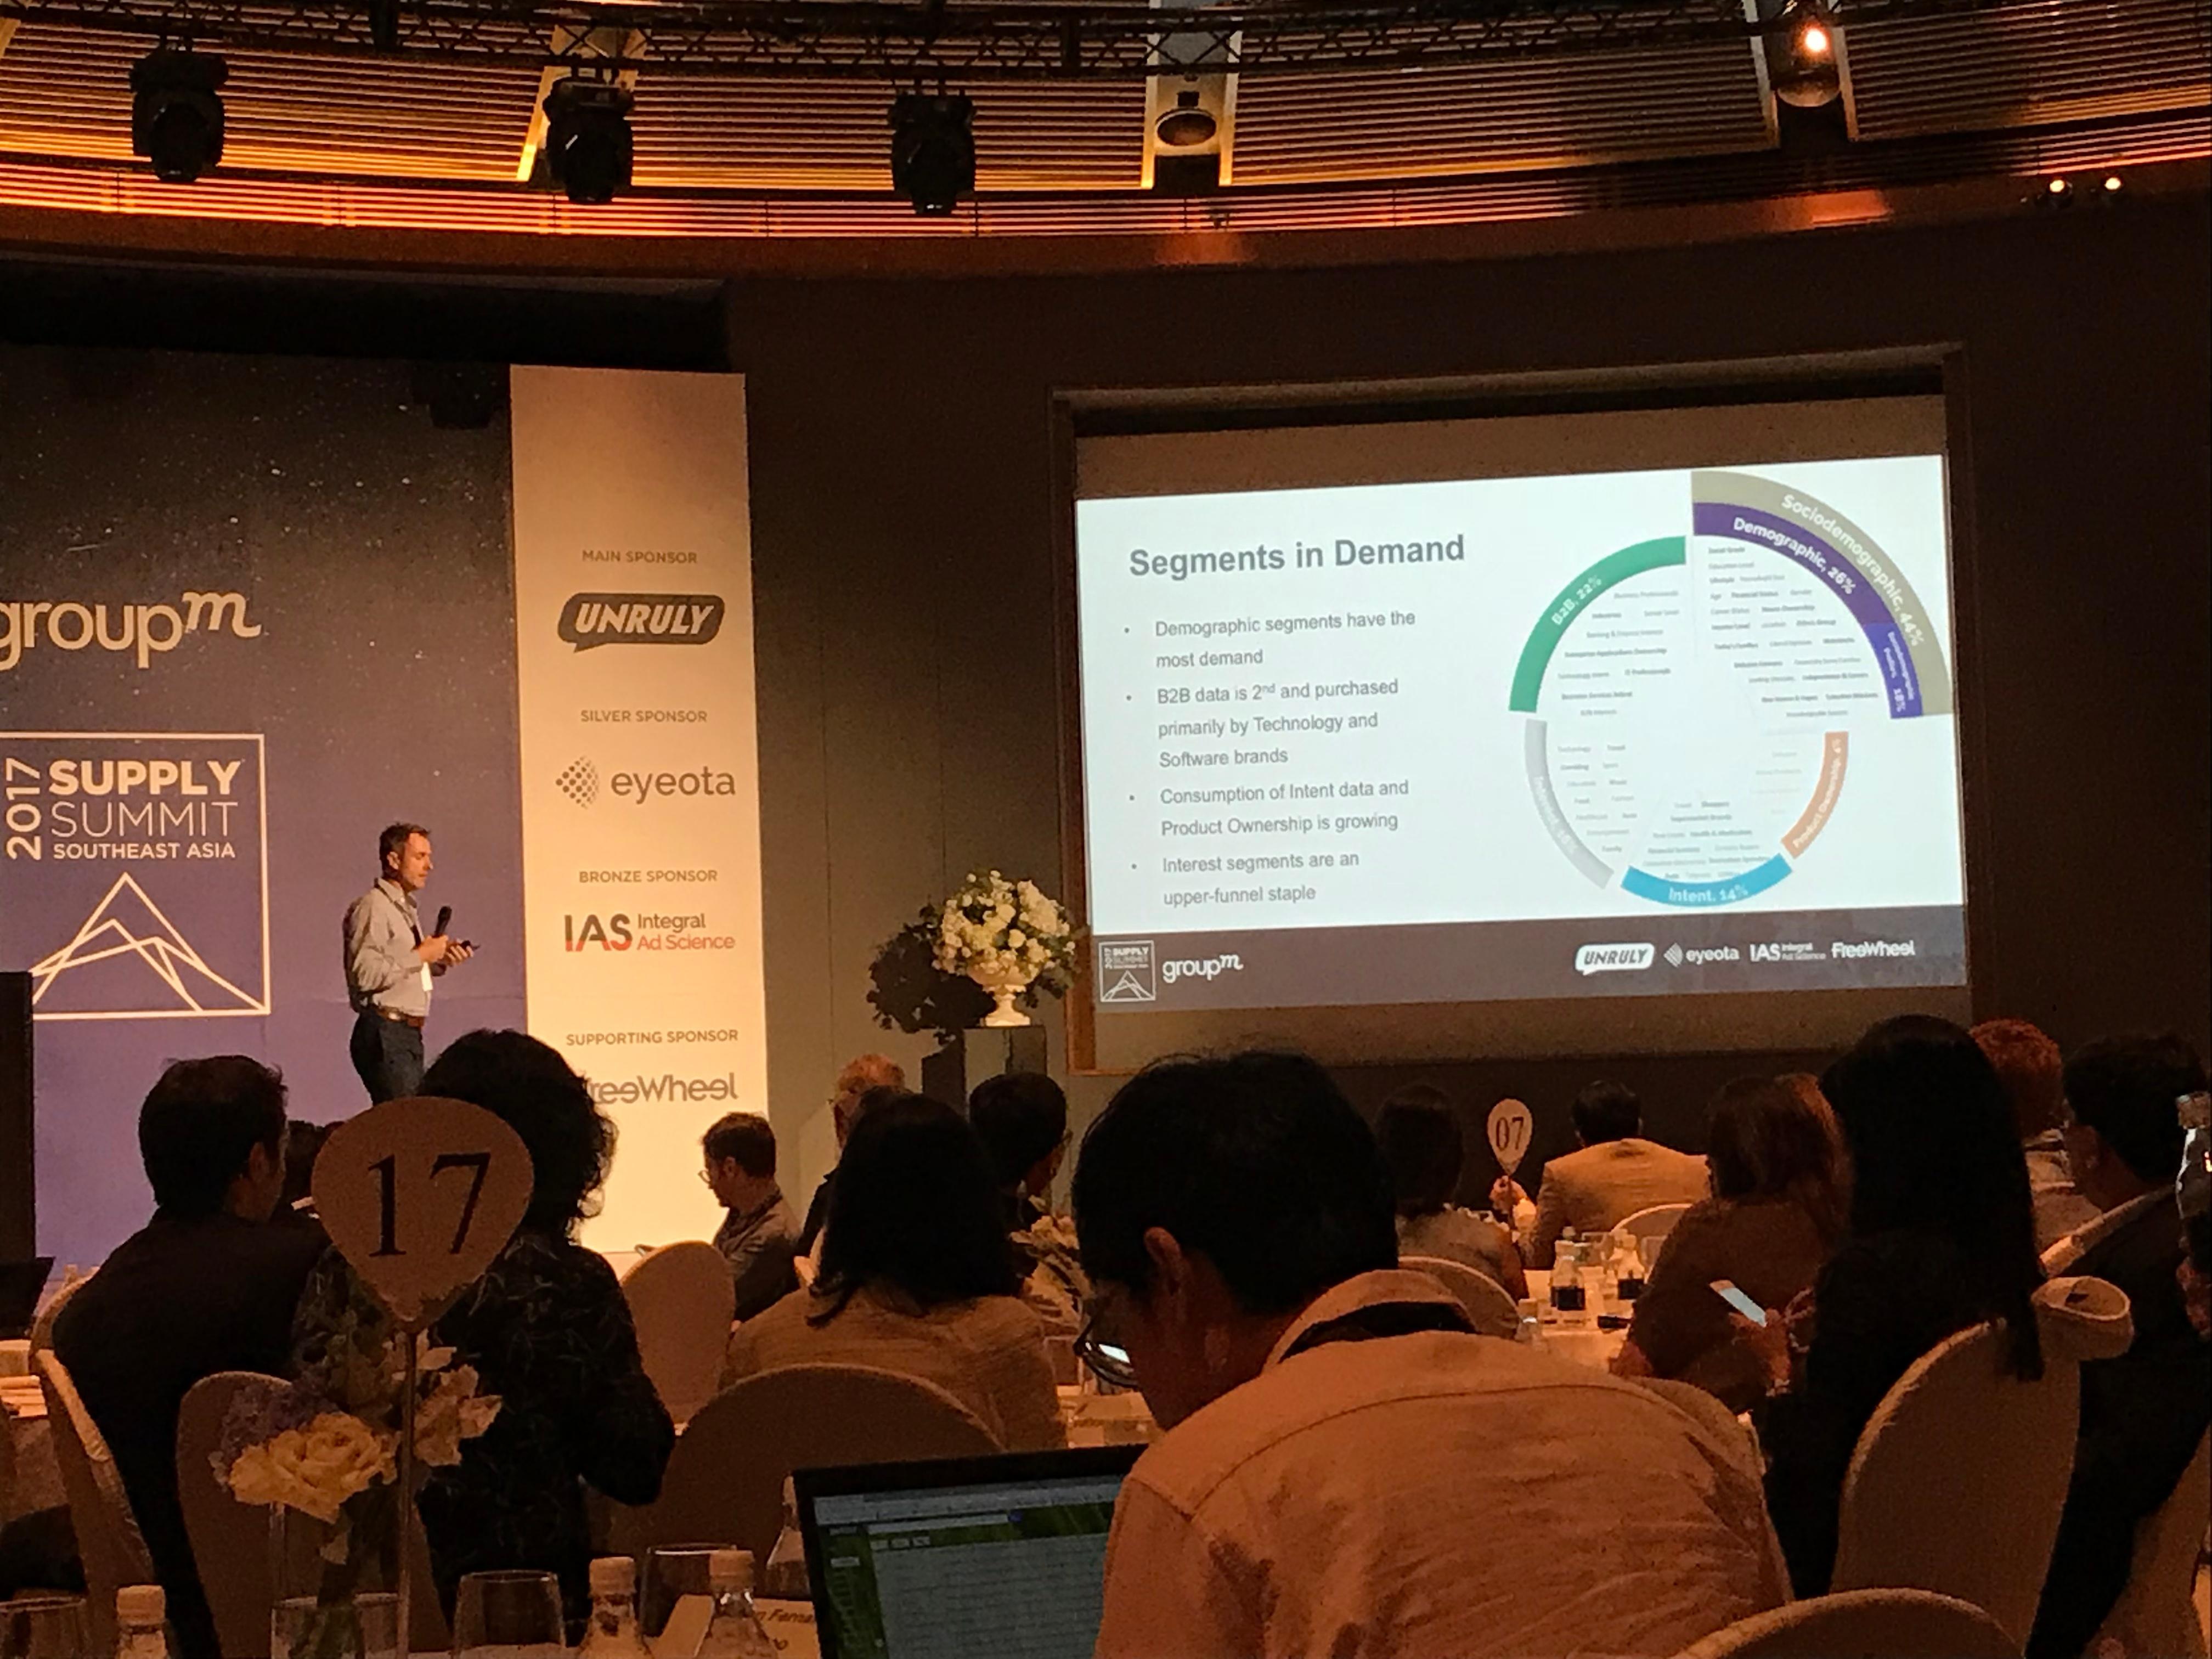 GroupM Supply Summit - 3.jpg